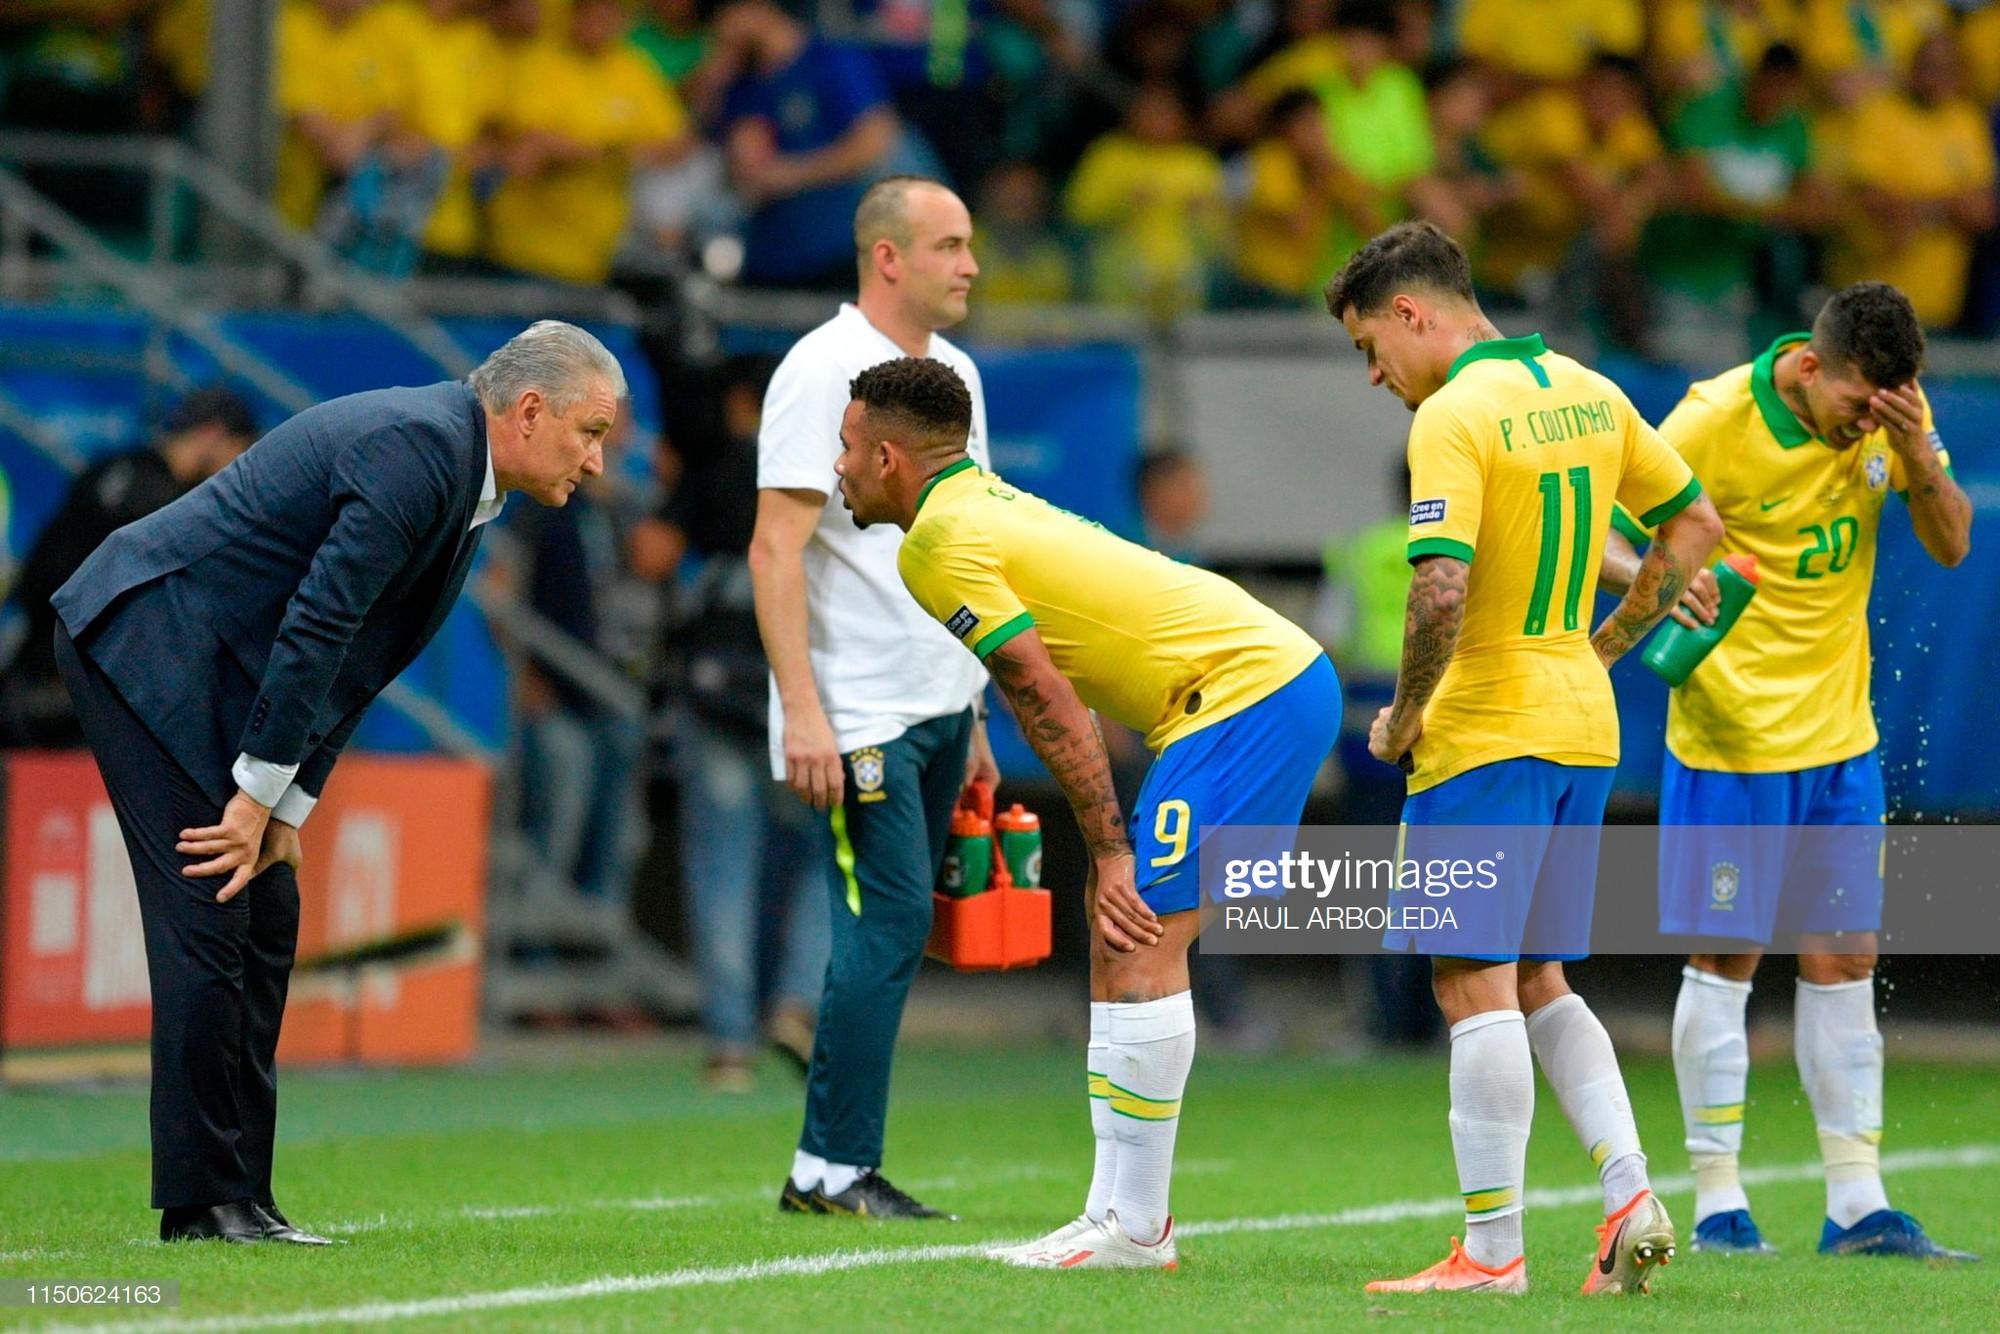 Có đội bóng nào đen đủi hơn tuyển Brazil hôm nay: 3 lần ăn mừng hụt để rồi rời sân trong nỗi thất vọng - Ảnh 11.